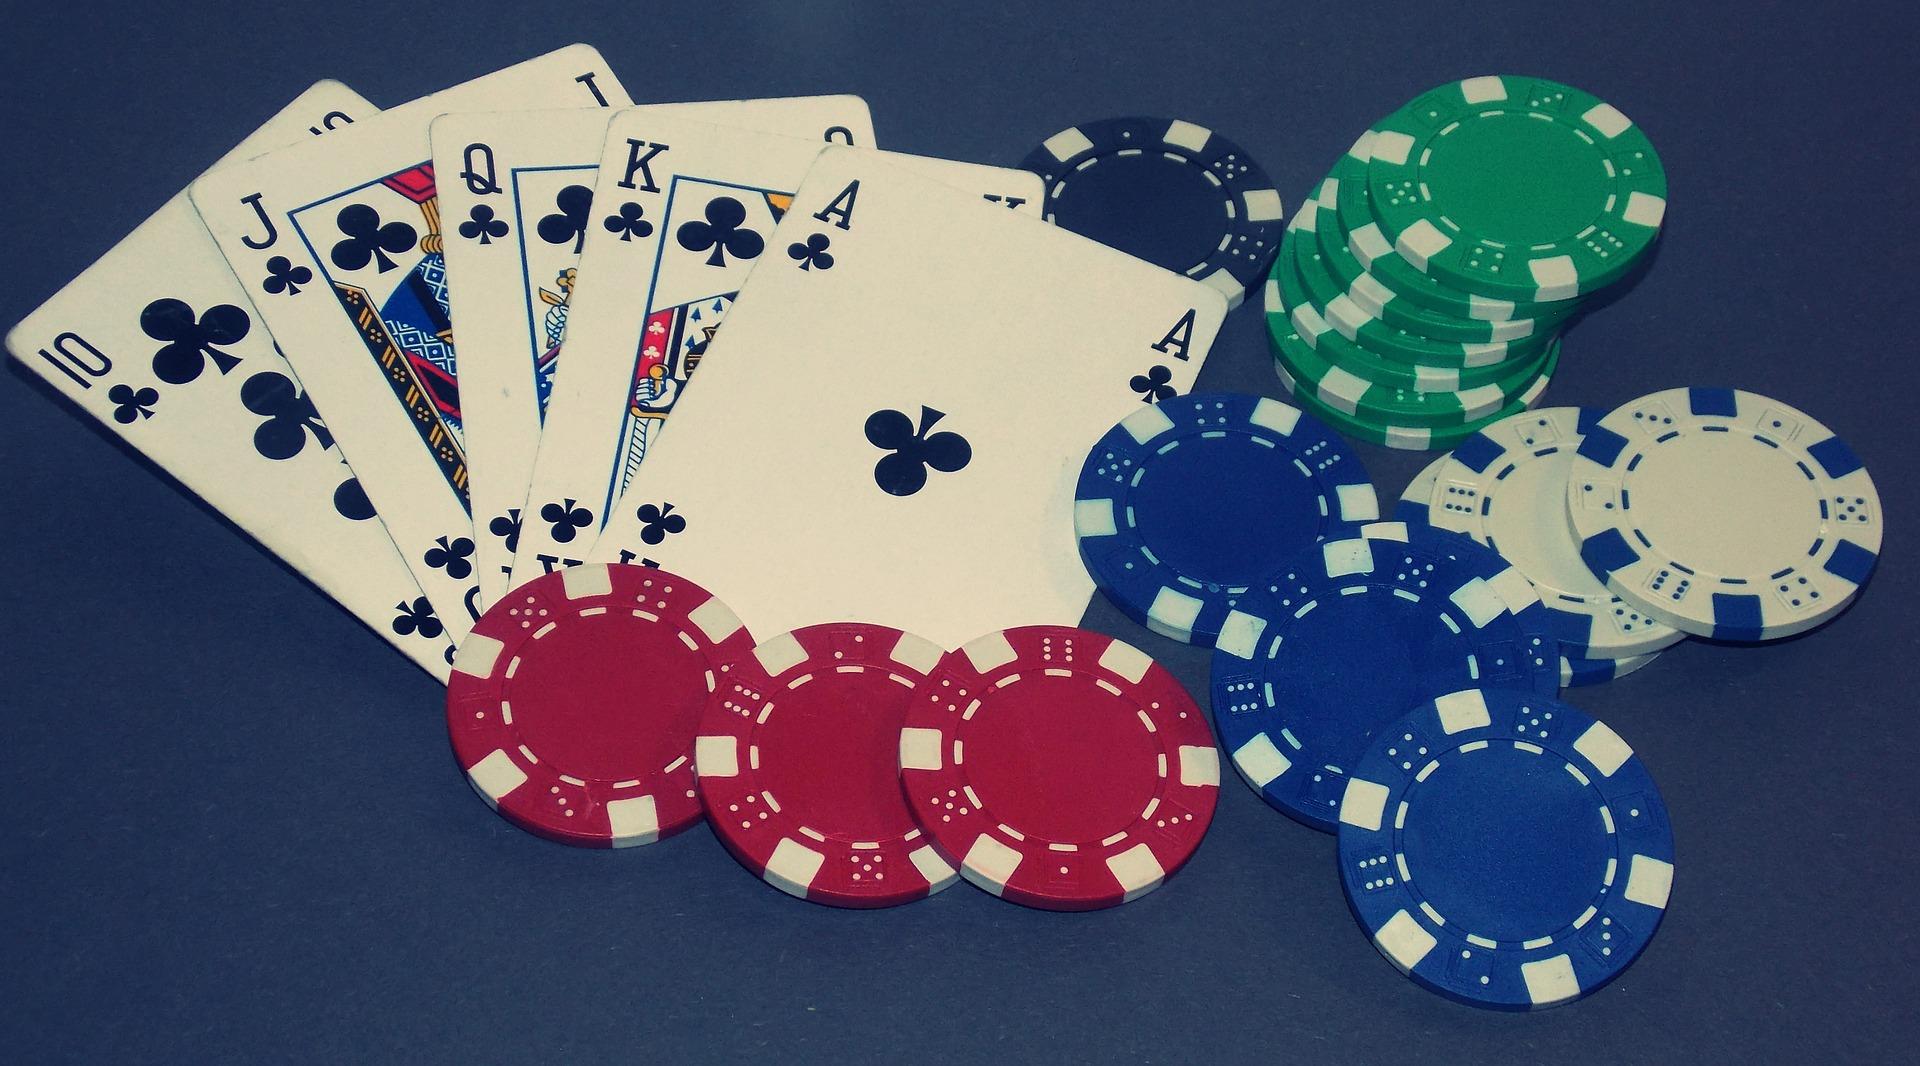 kort og pokerchips